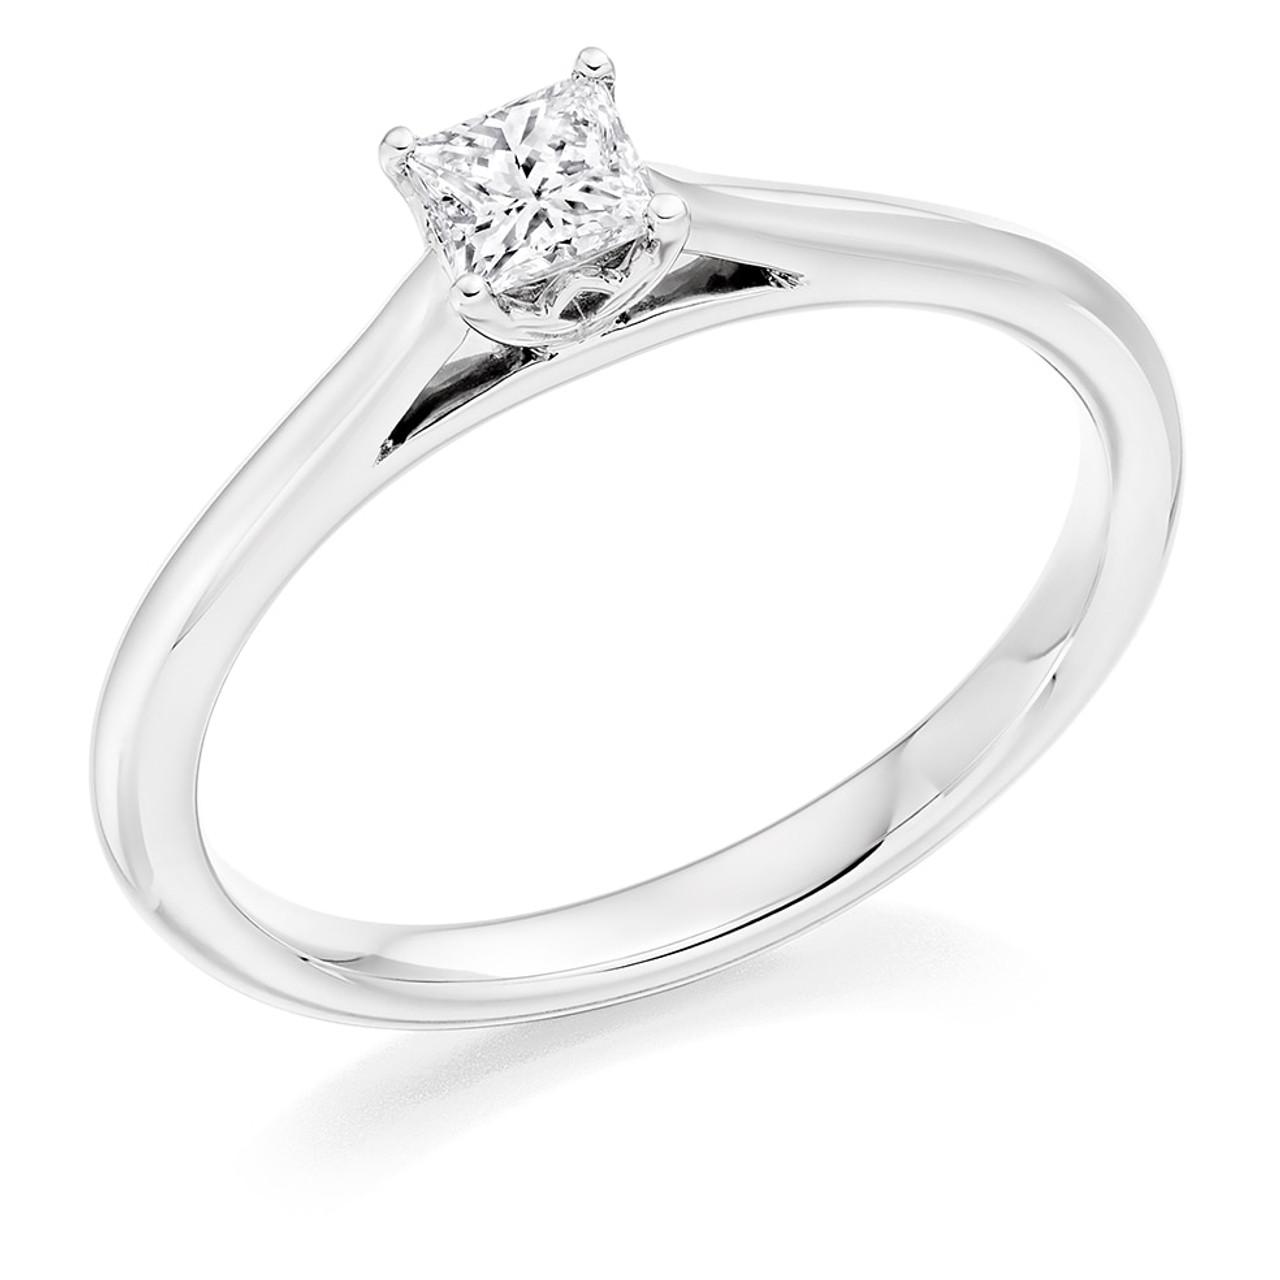 Rosemary 0.25ct Diamond Engagement Ring